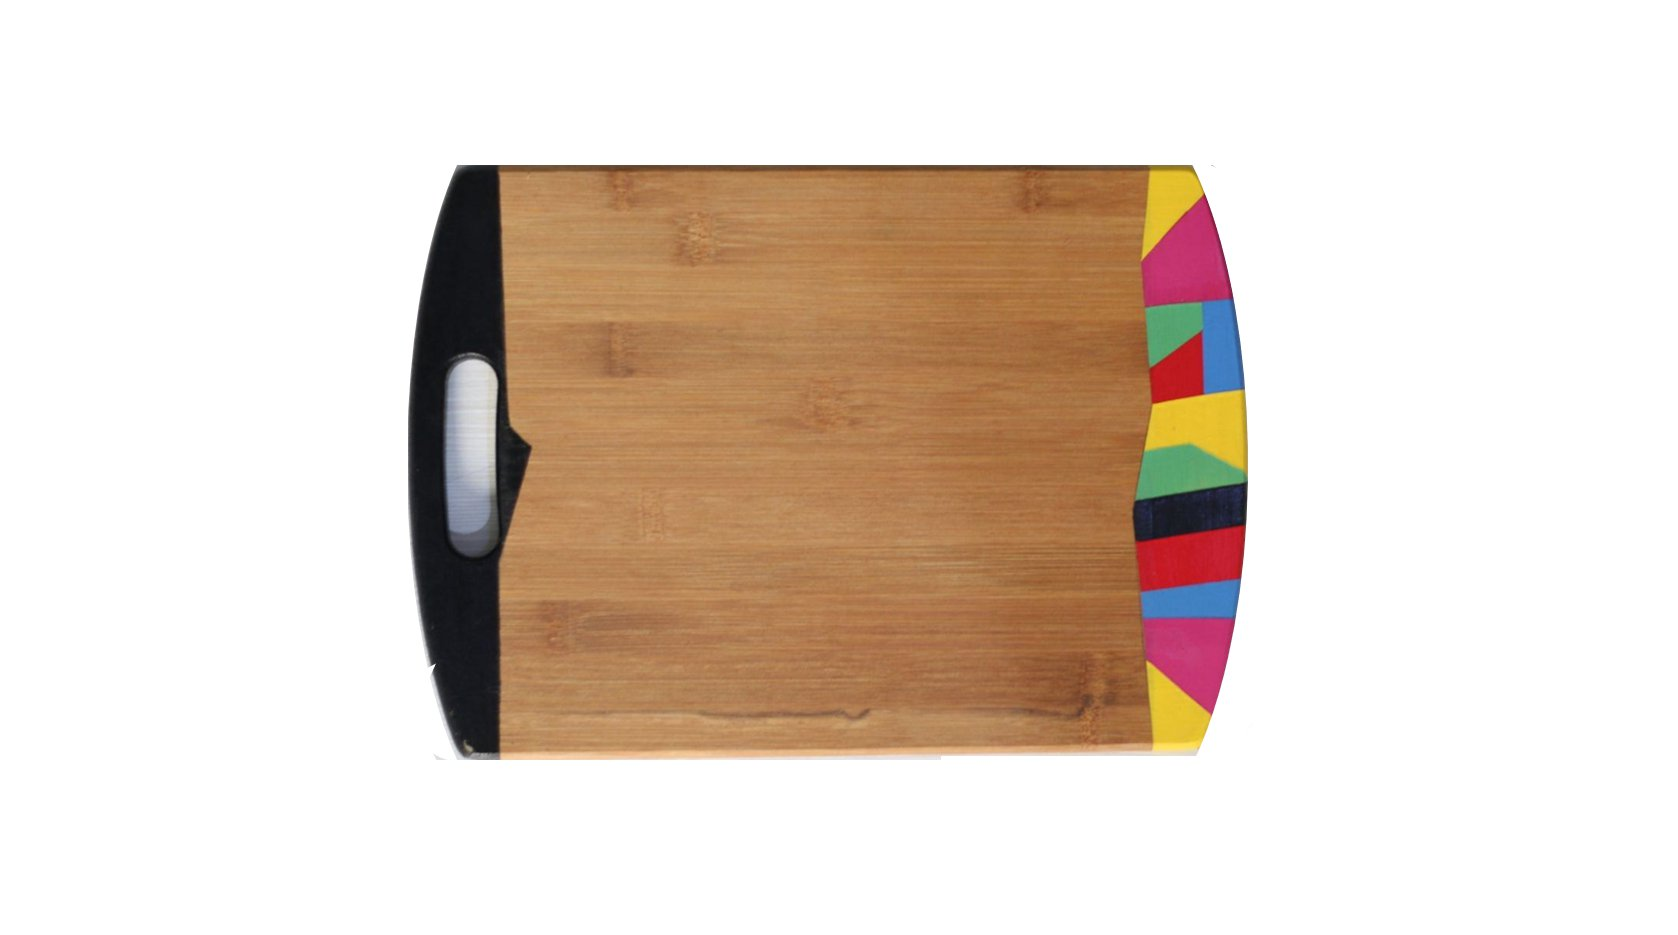 تخته چوبی مخصوص پذیرایی